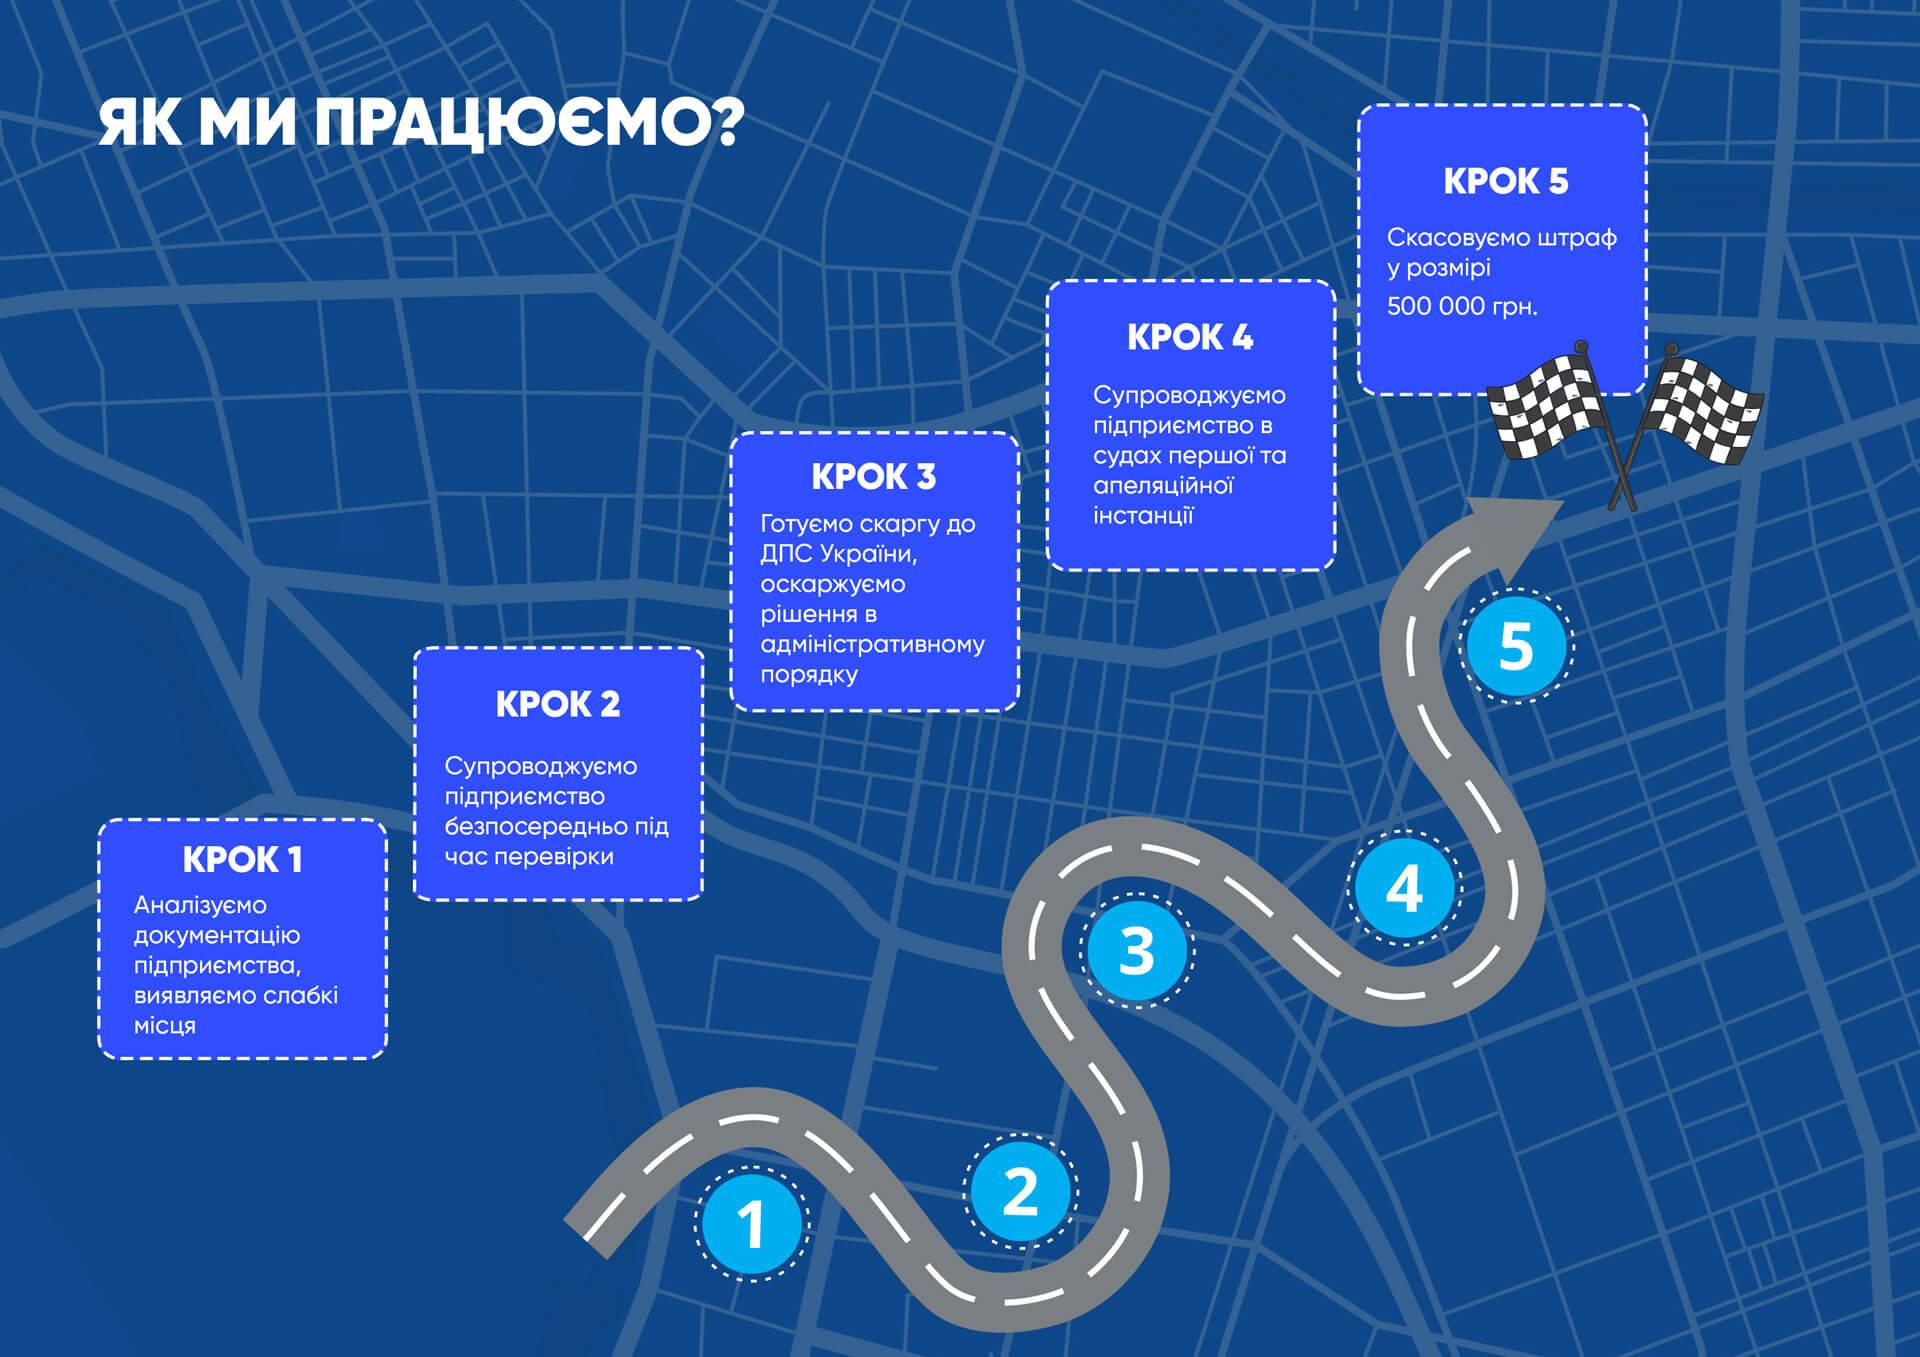 ЮК-Армада-Оскажимо-штраф-500000-Roadmap